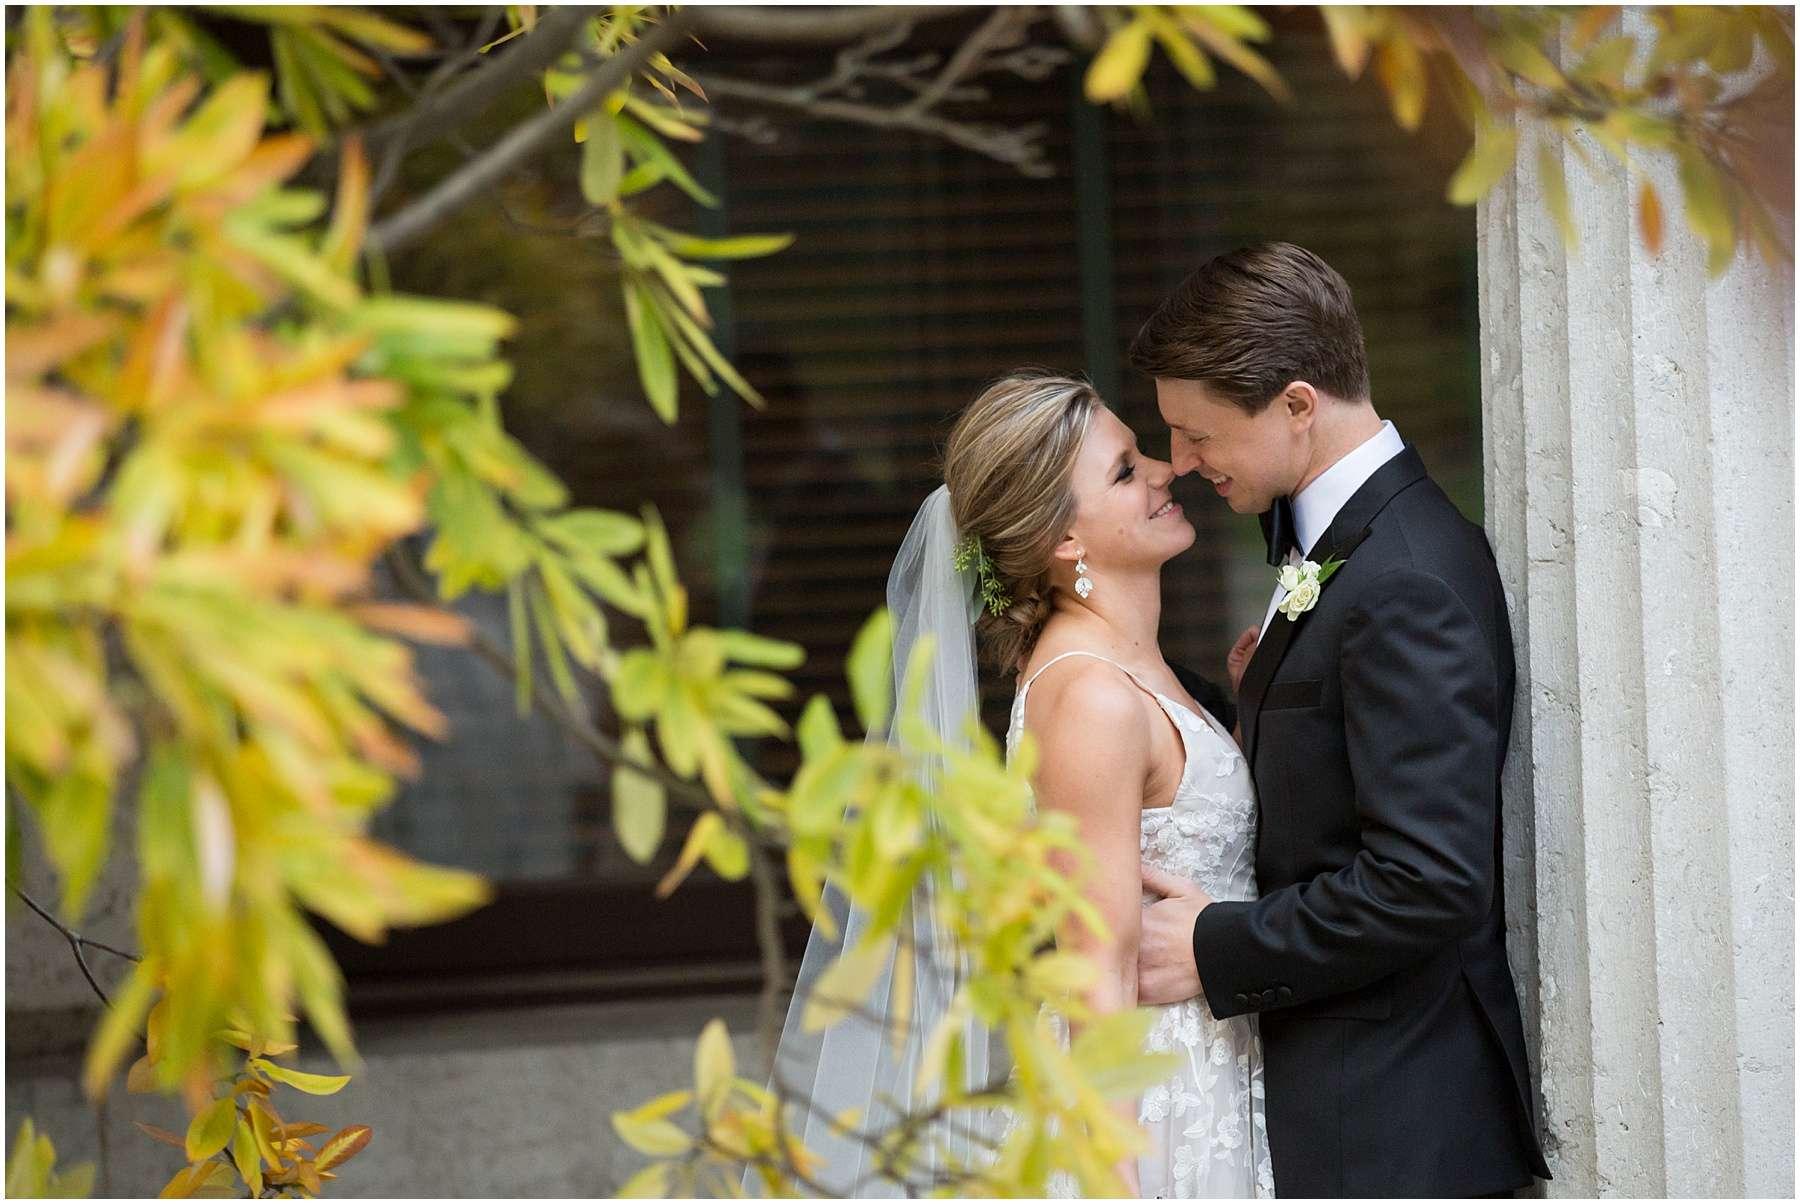 Wedding at the Ohio Statehouse | Columbus Ohio Weddings 156